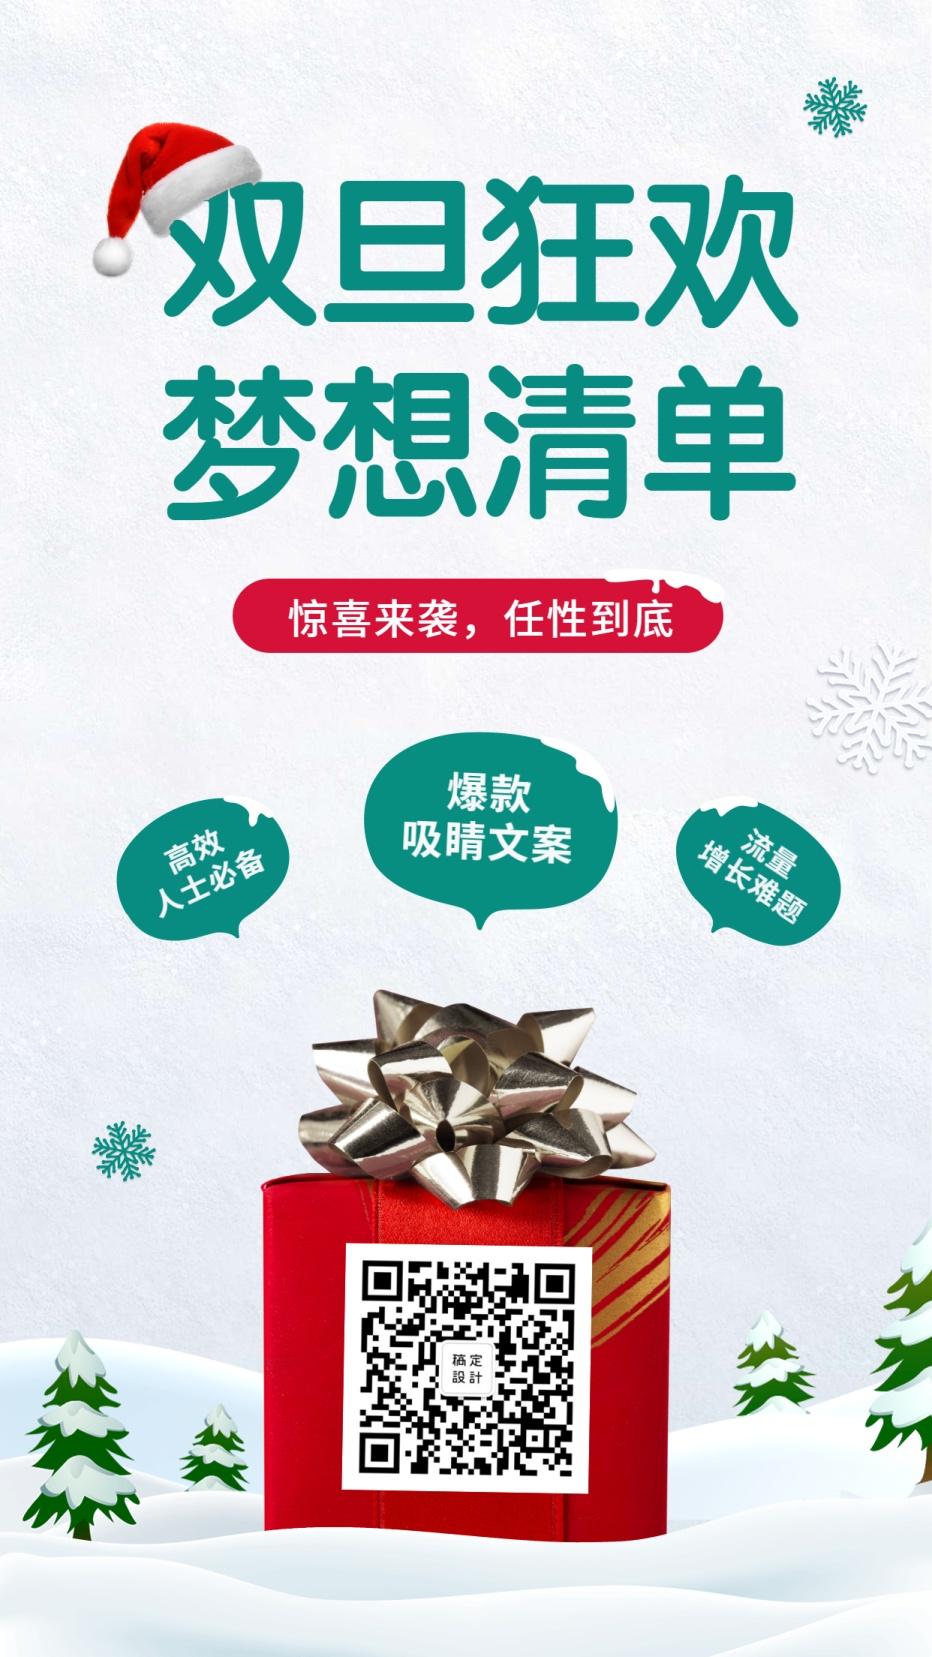 圣诞节元旦双旦狂欢活动促销宣传手机海报